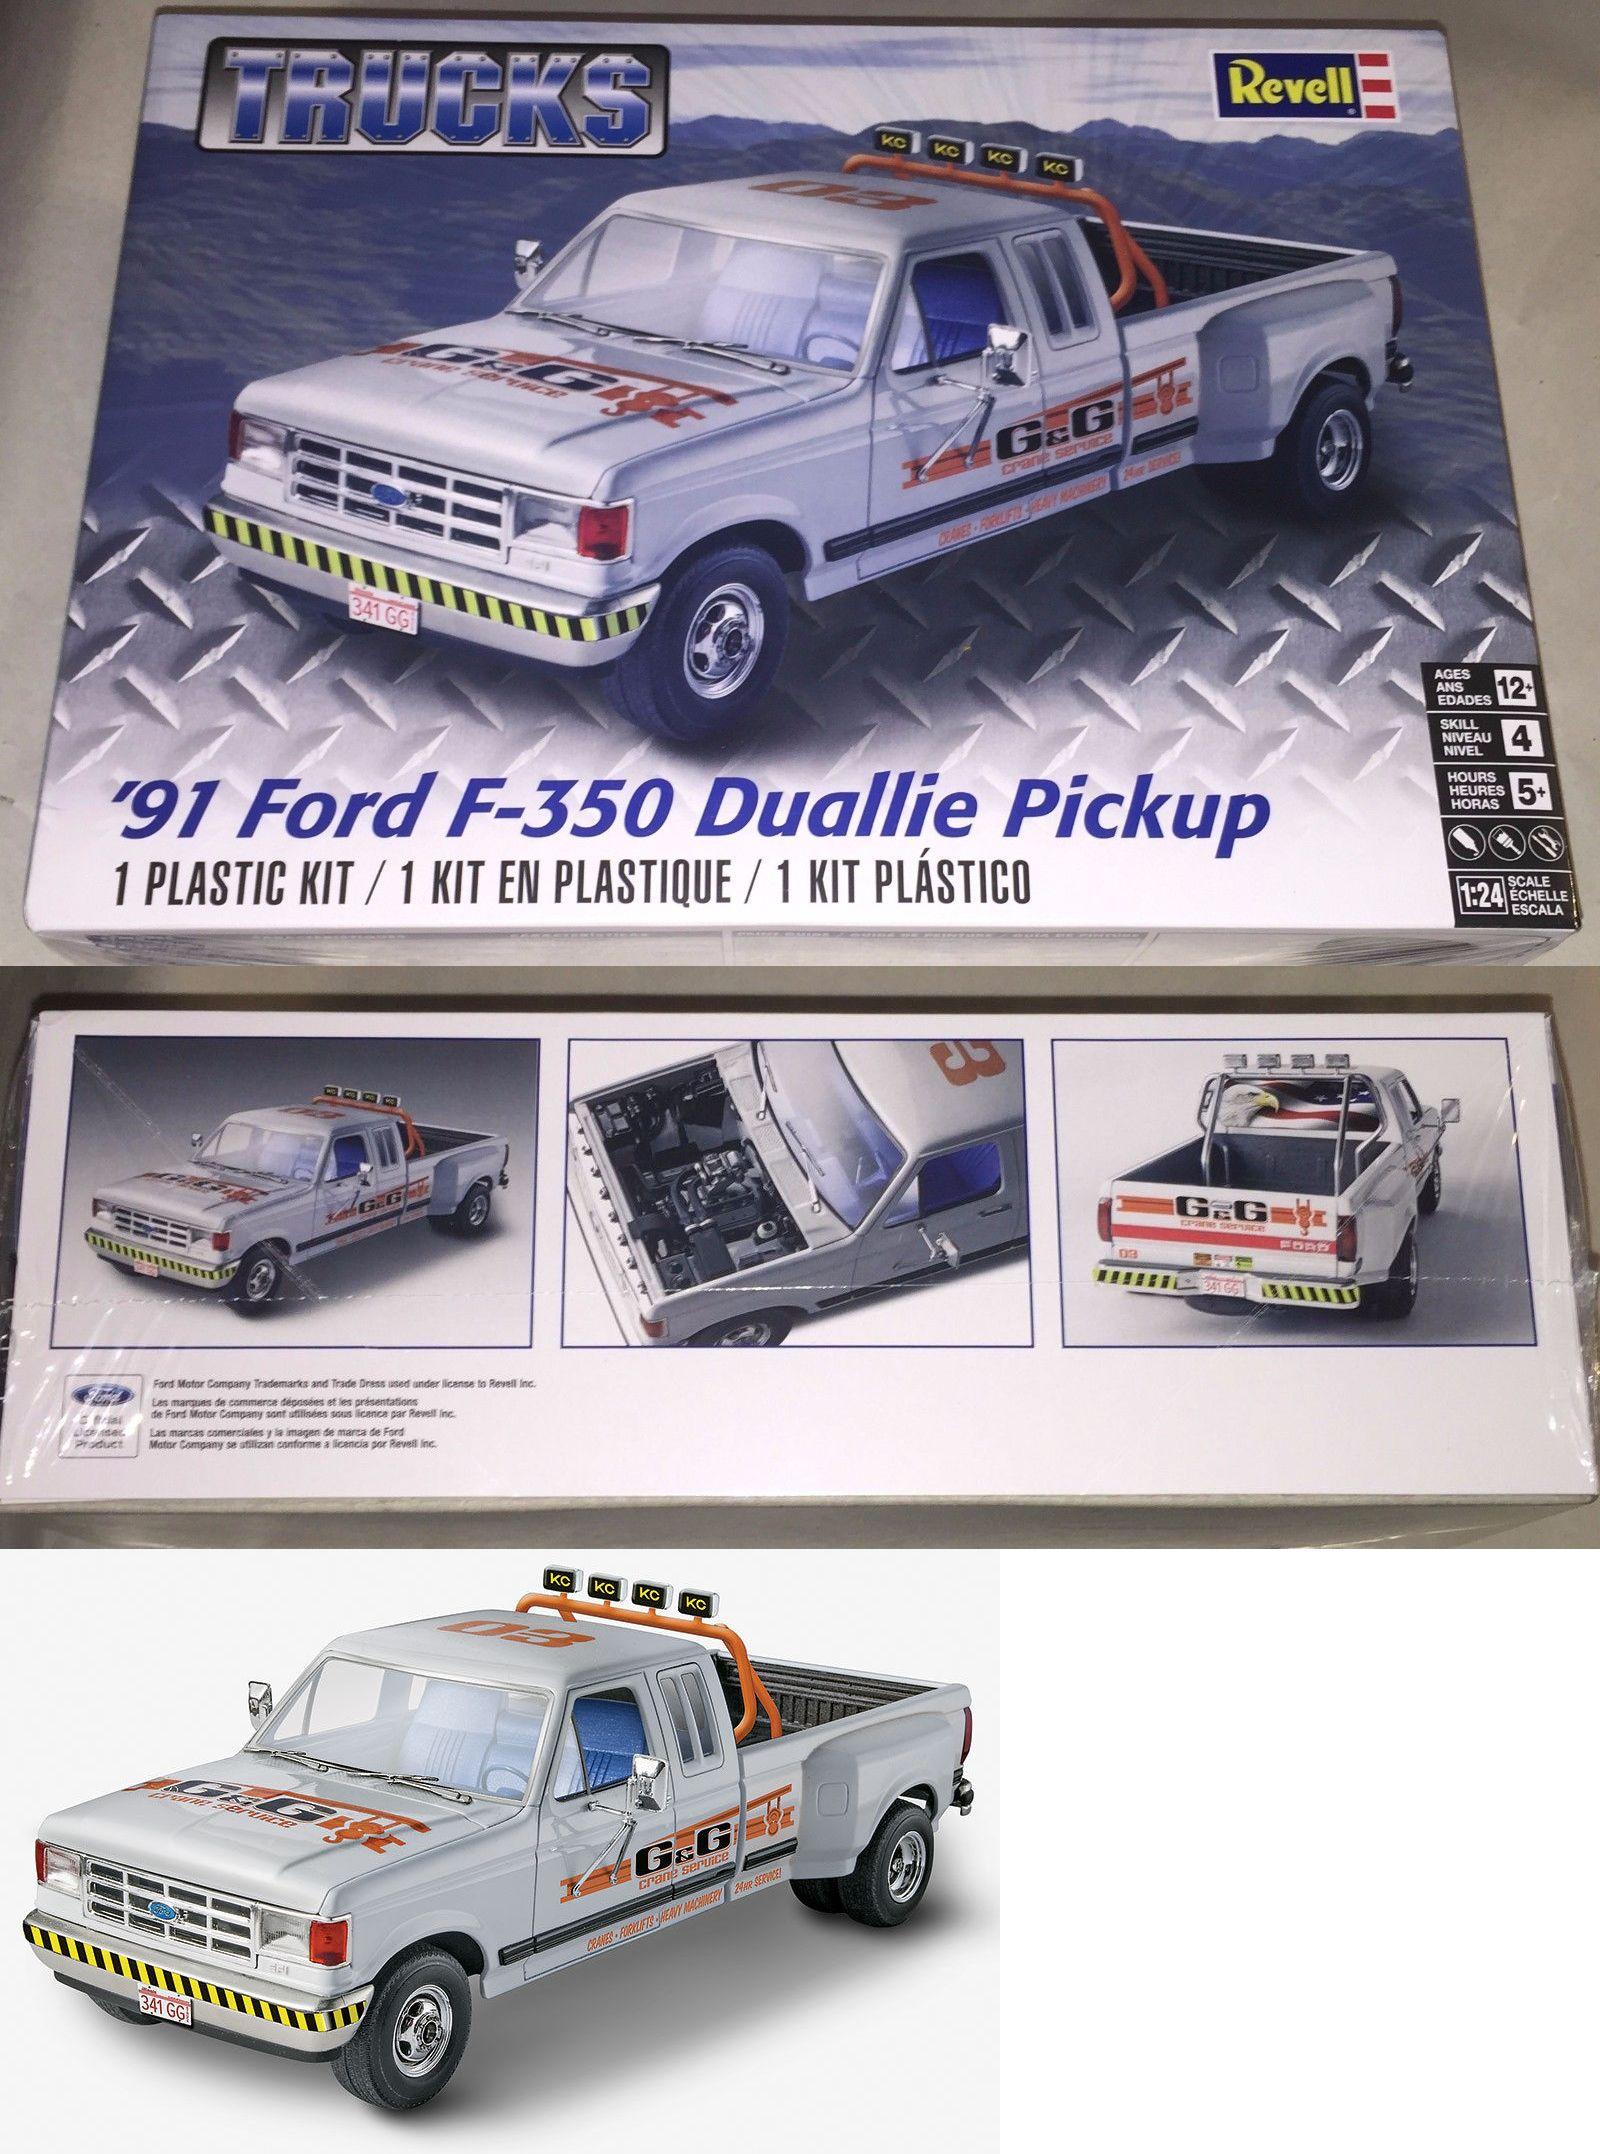 Truck  Ford F  Duallie Pickup Truck   Plastic Model Car Kit New  Buy It Now Only  On Ebay Truck Revell Duallie Pickup